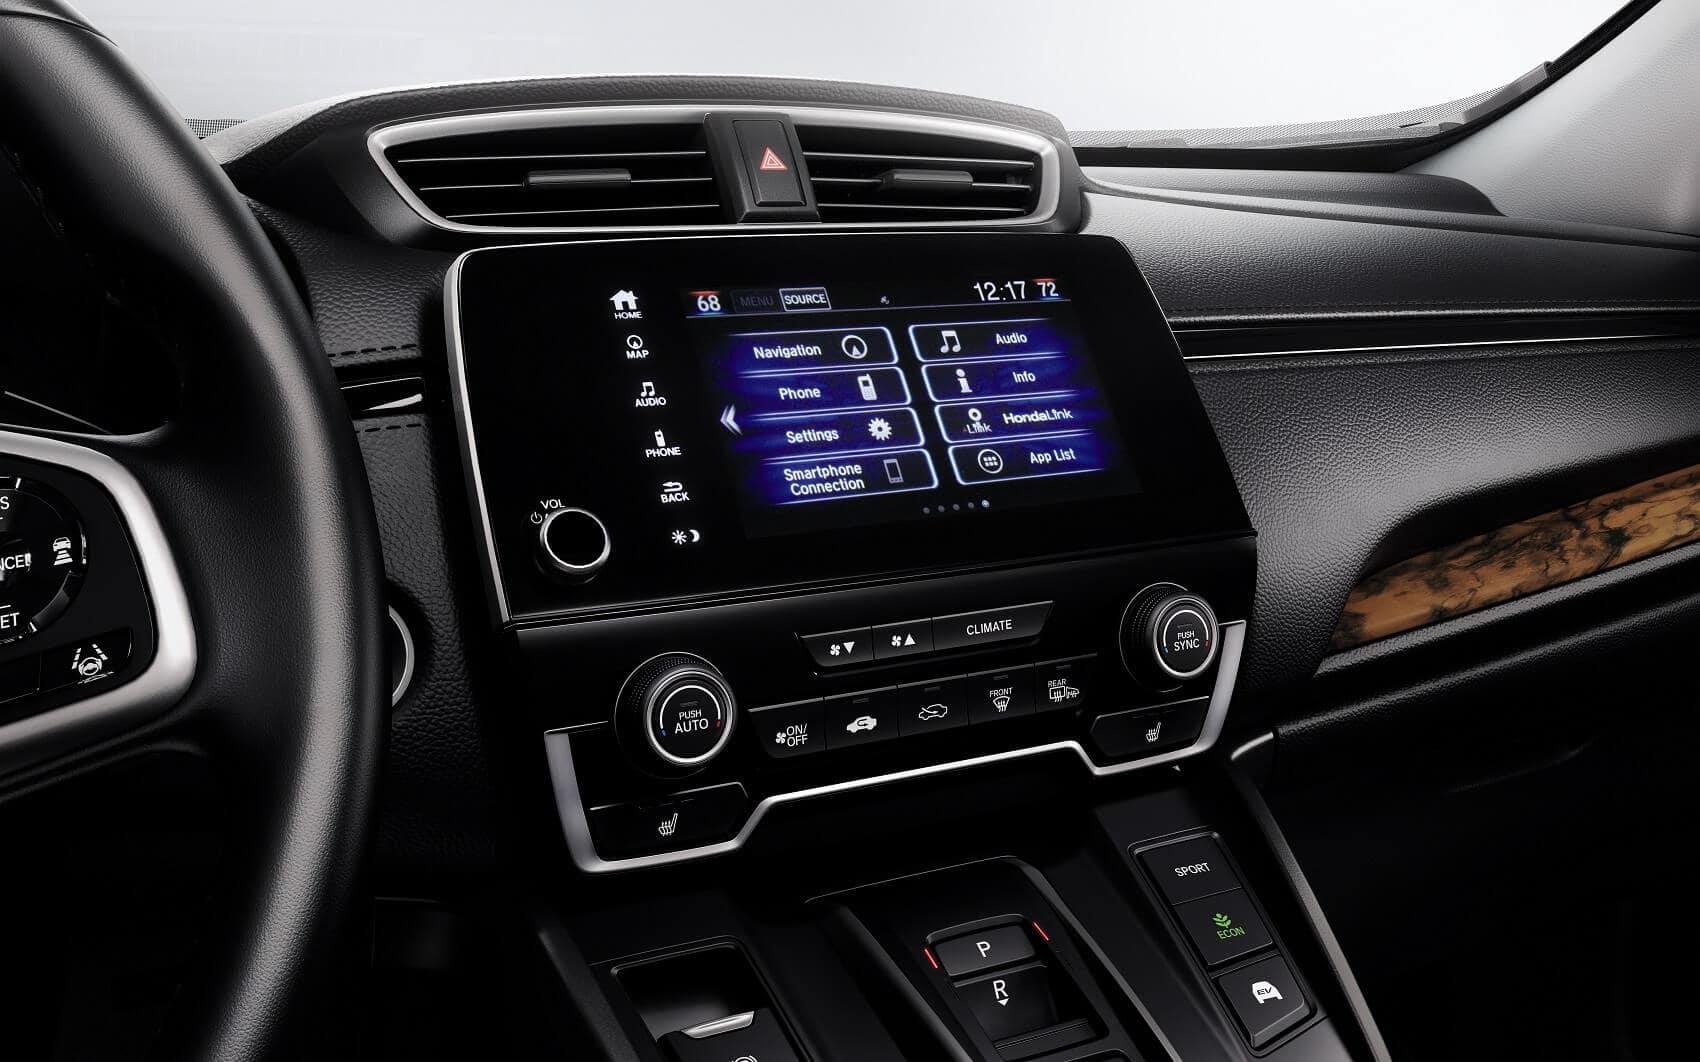 Honda CR-V Interior Technology